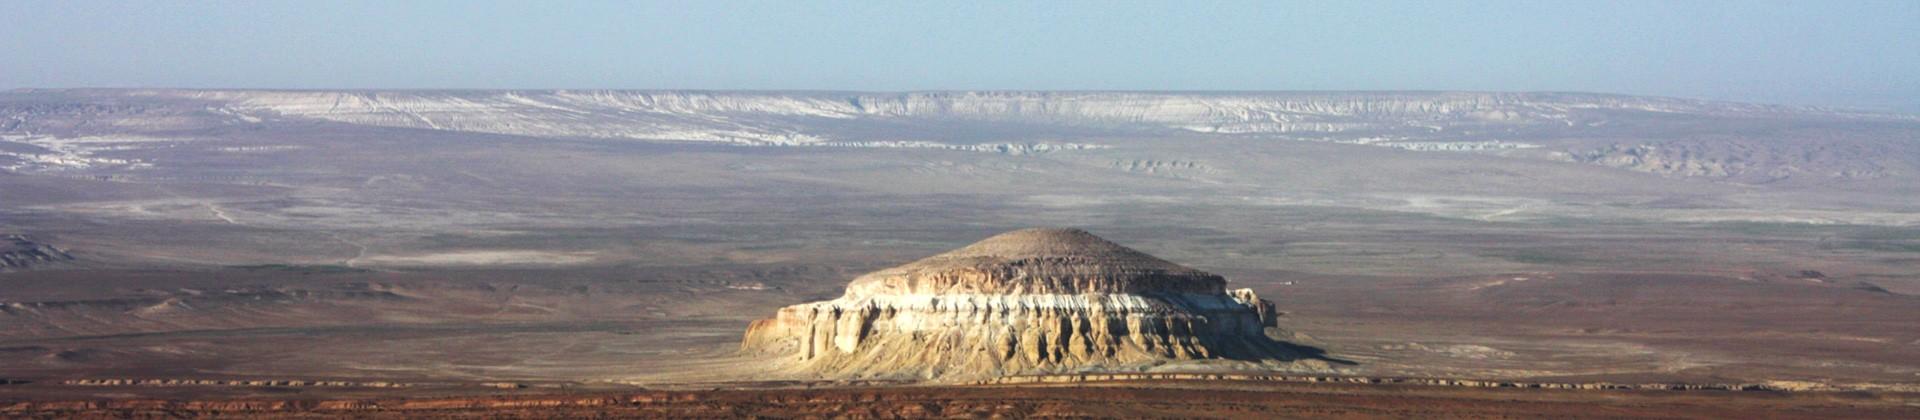 Ustyurt Plateau - 1